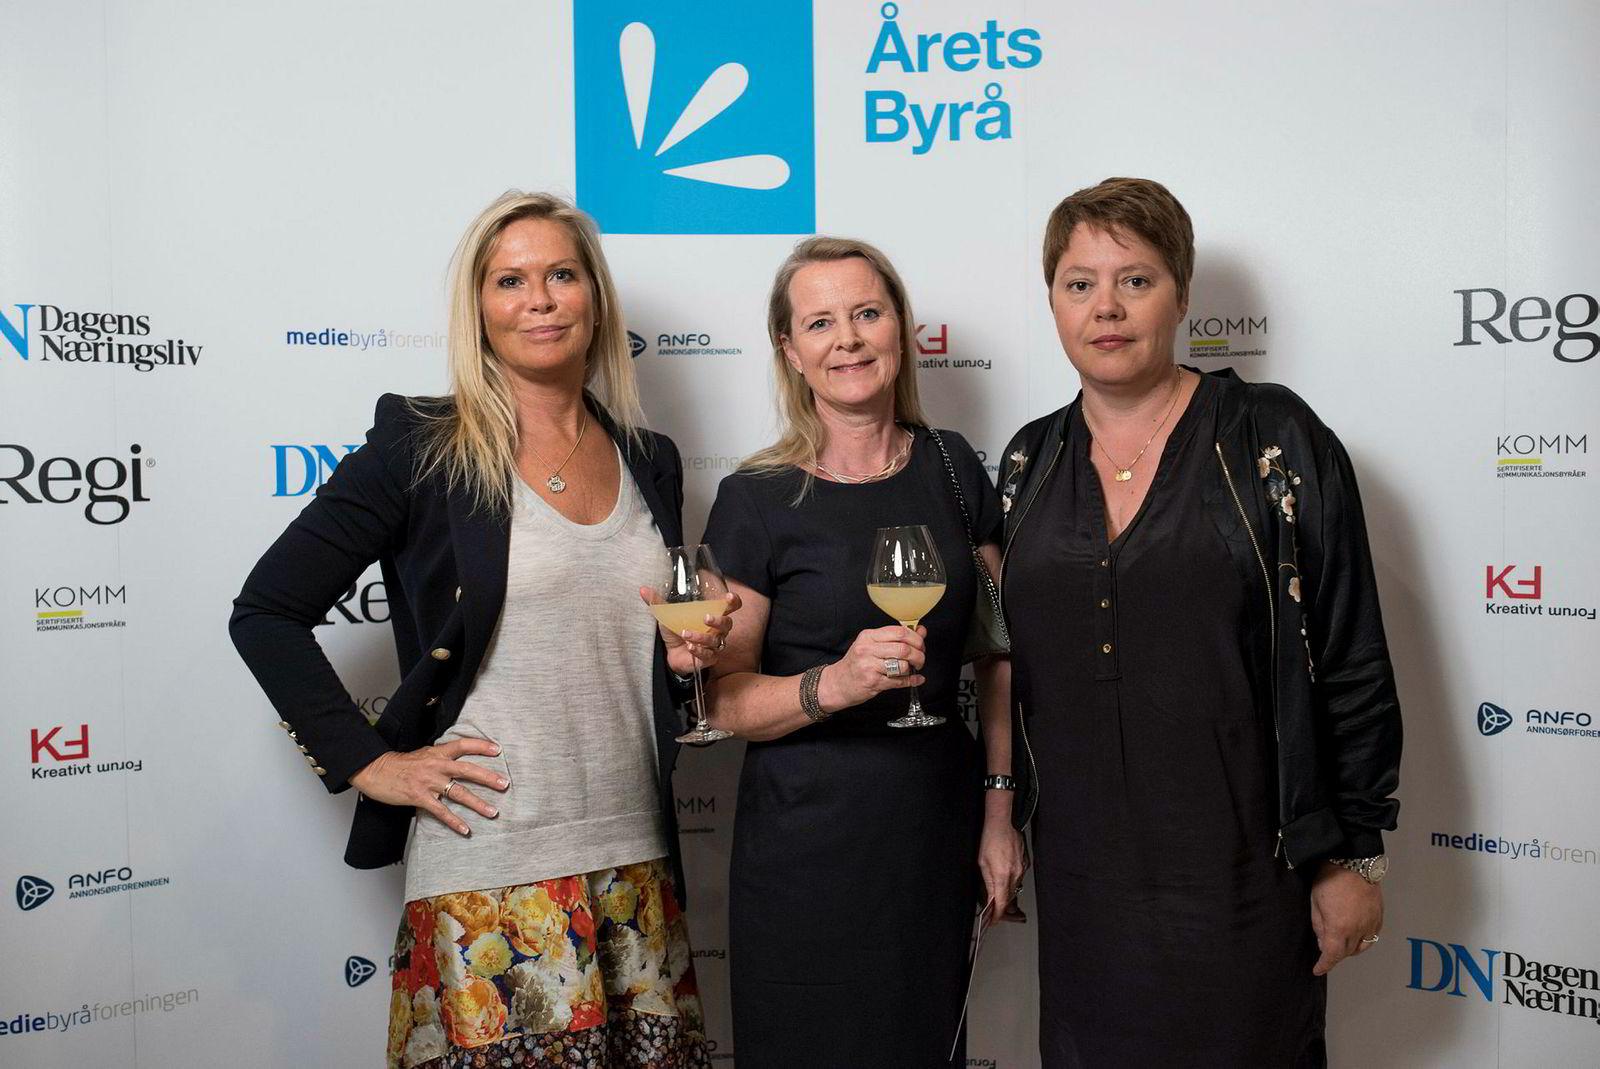 Gry Birgitte Bækkelund, Magnhild Foldøy og Nanna Grønli i Saatchi & Saatchi.